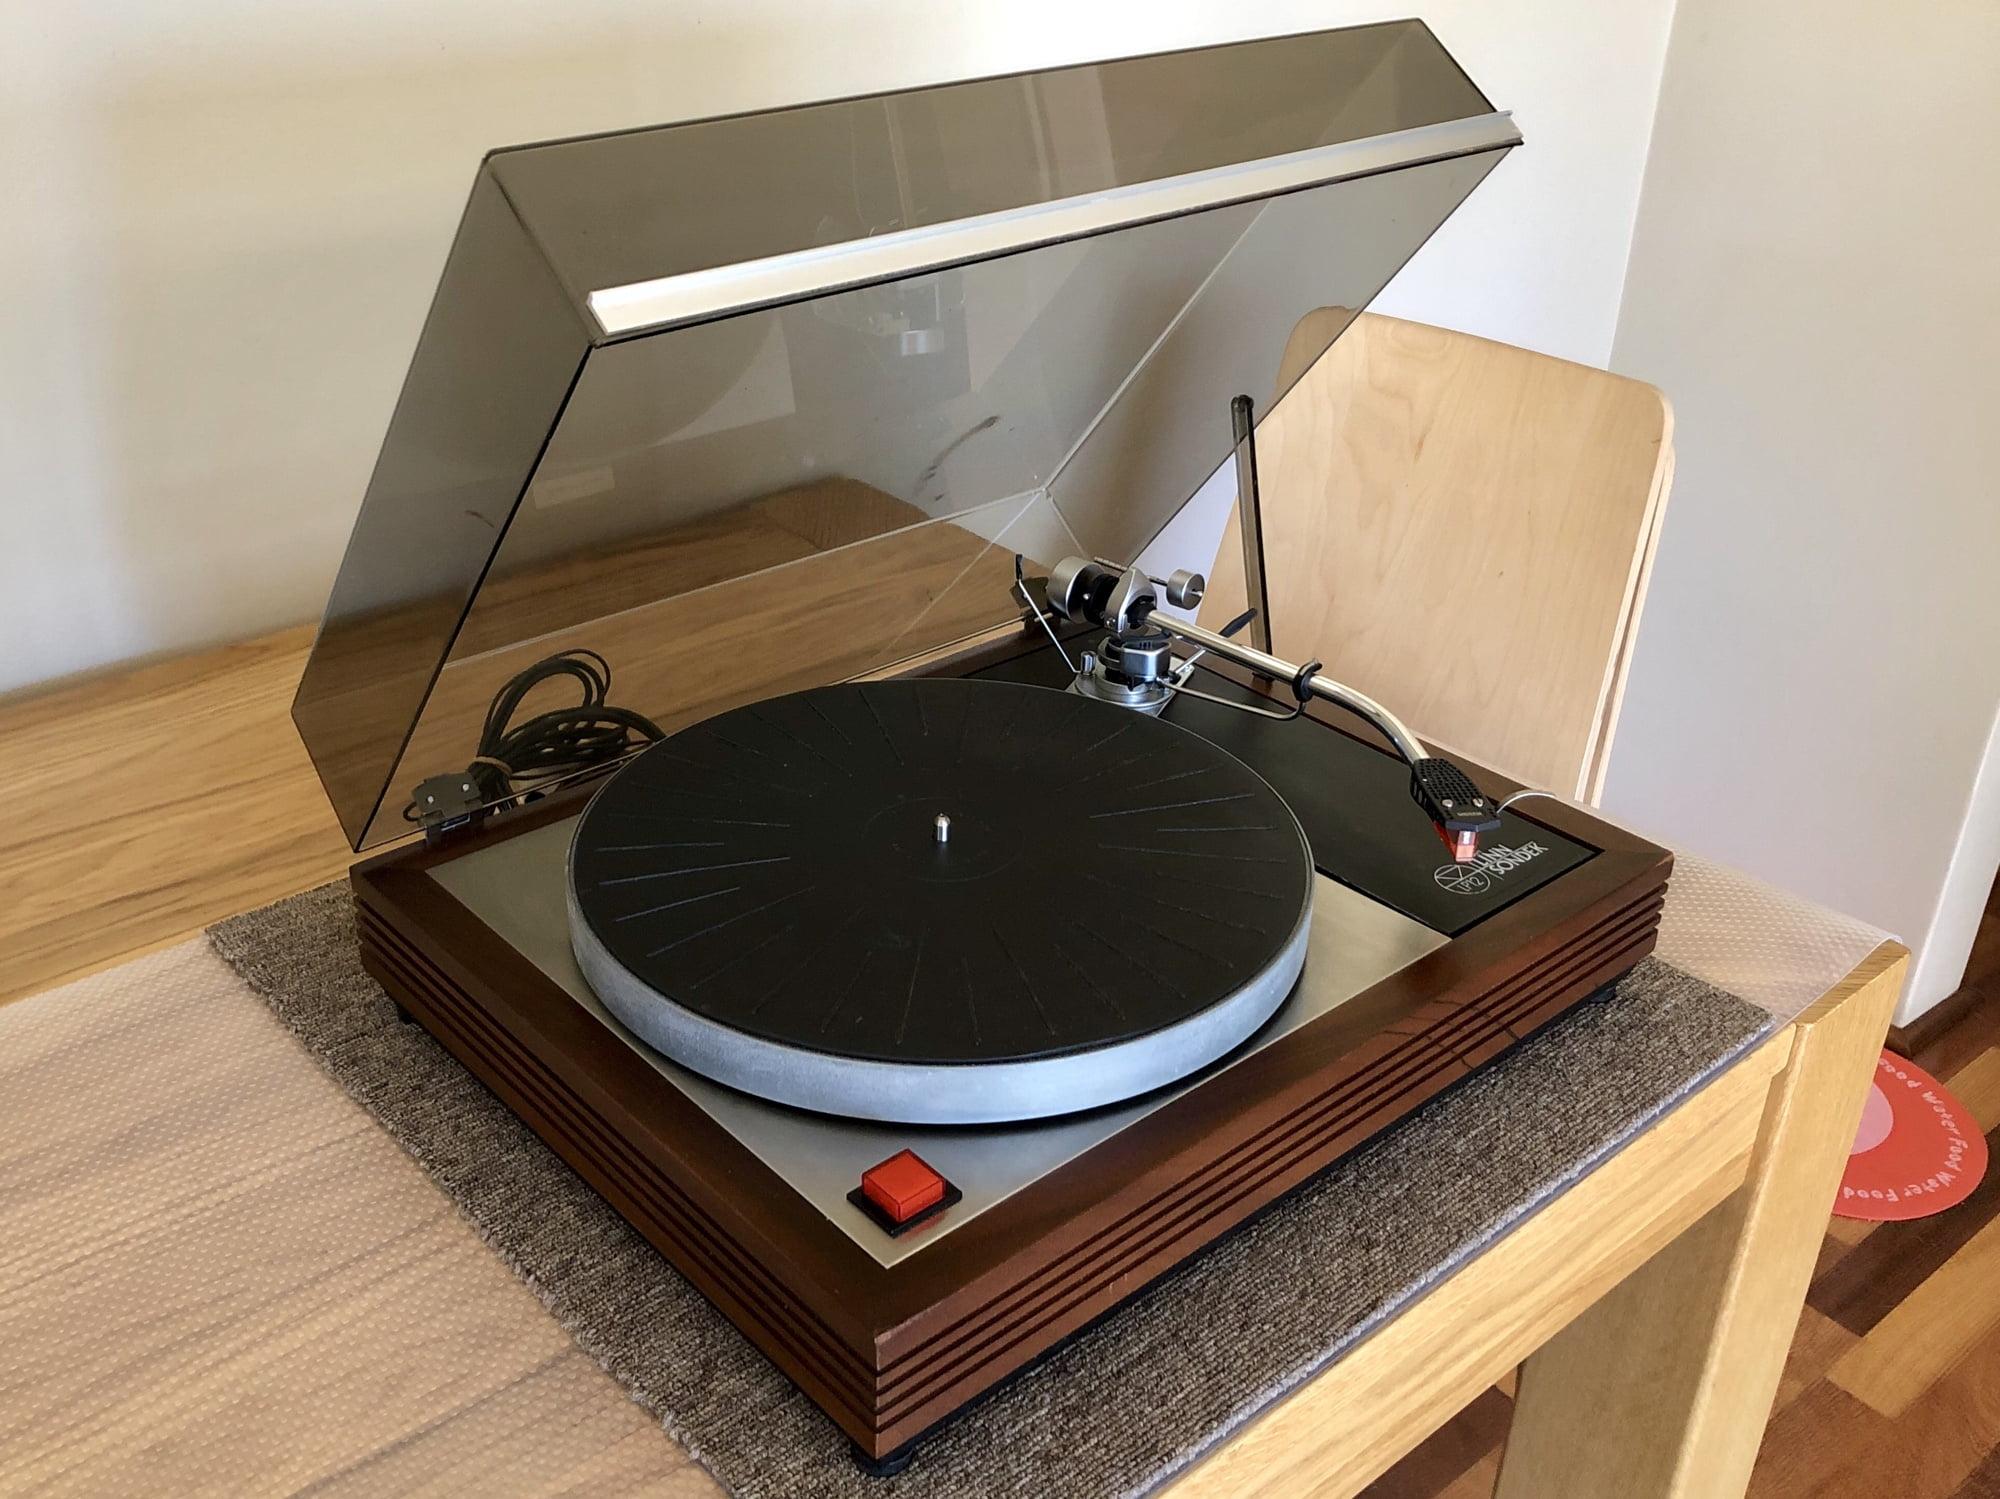 Linn Sondek LP12 Turntable Recommission & Restoration